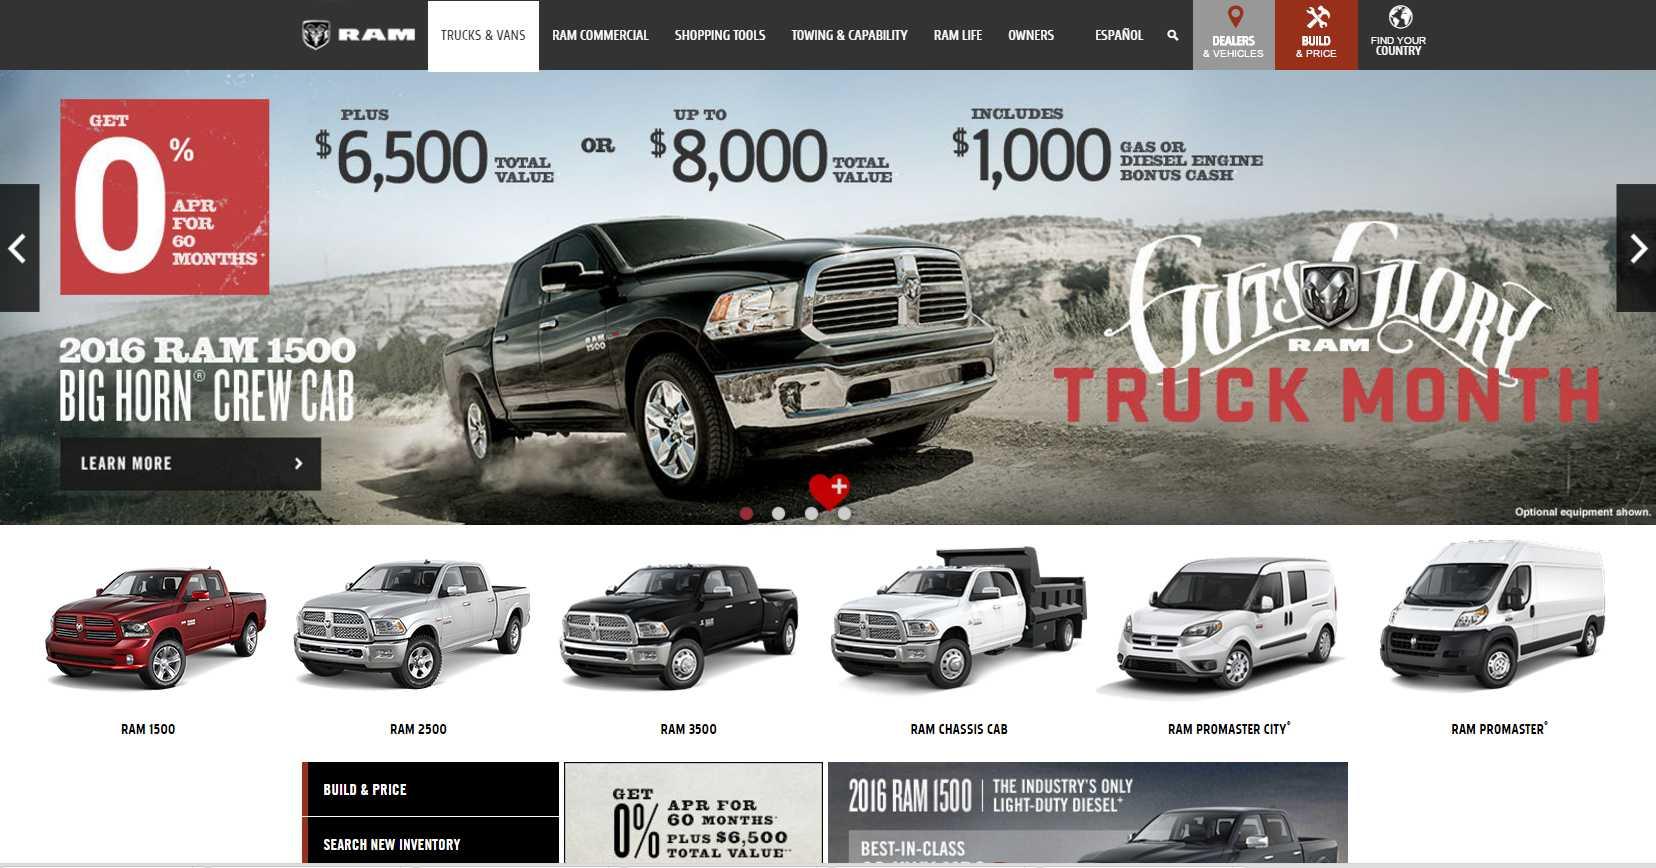 Ram Trucks a webpage design preferred by men